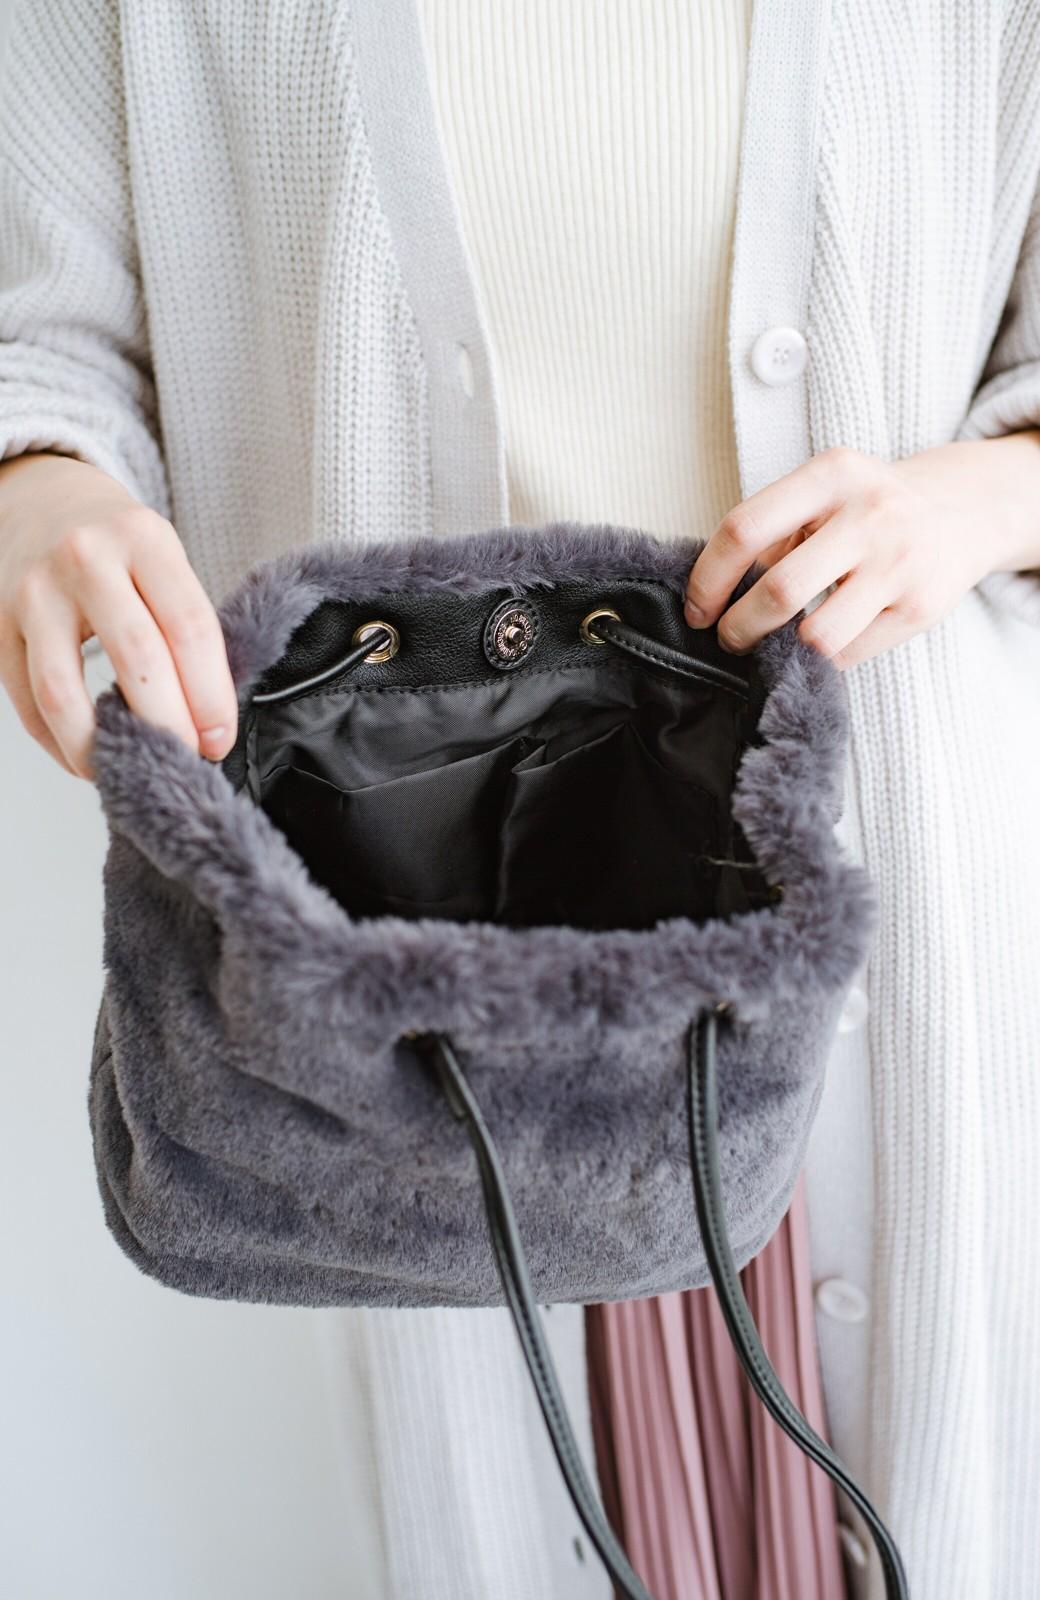 haco! さっと持って気分が上がる ふわっとかわいいエコファー巾着バッグ <チャコールグレー>の商品写真6